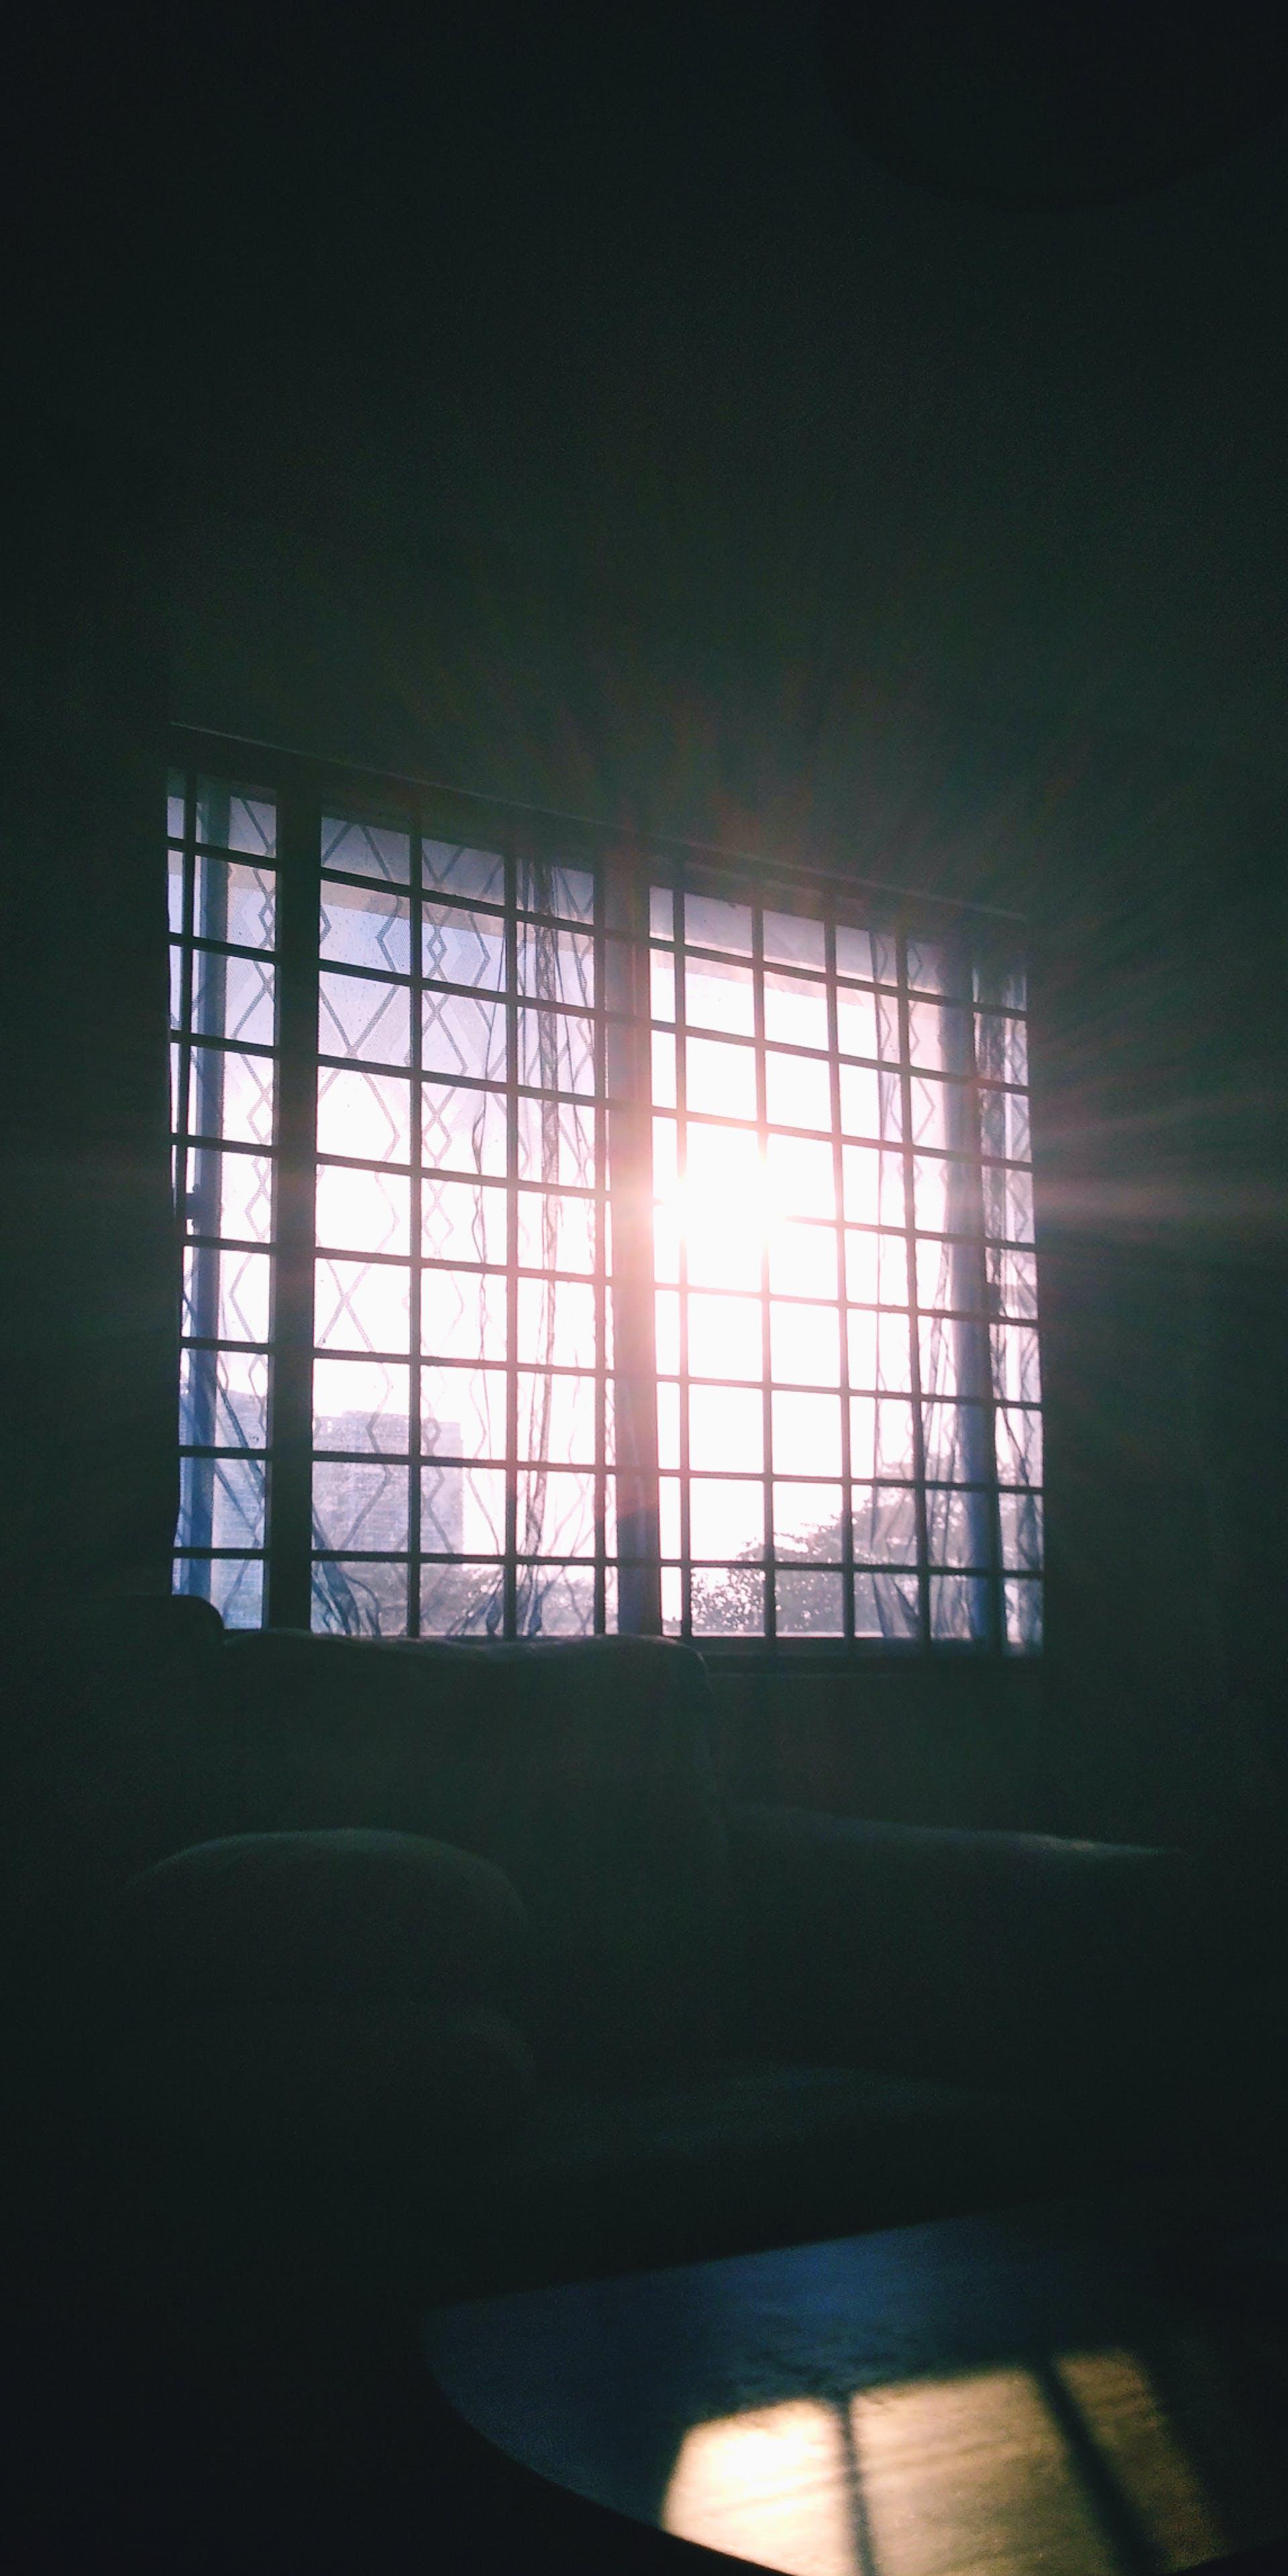 Free stock photo of church window, dark, light beam